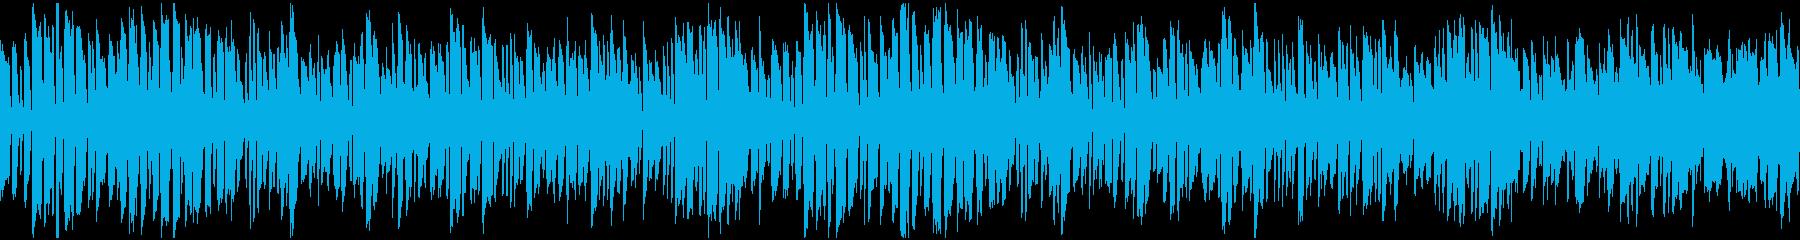 【ループ版】ほのぼのとした場面に合う劇伴の再生済みの波形